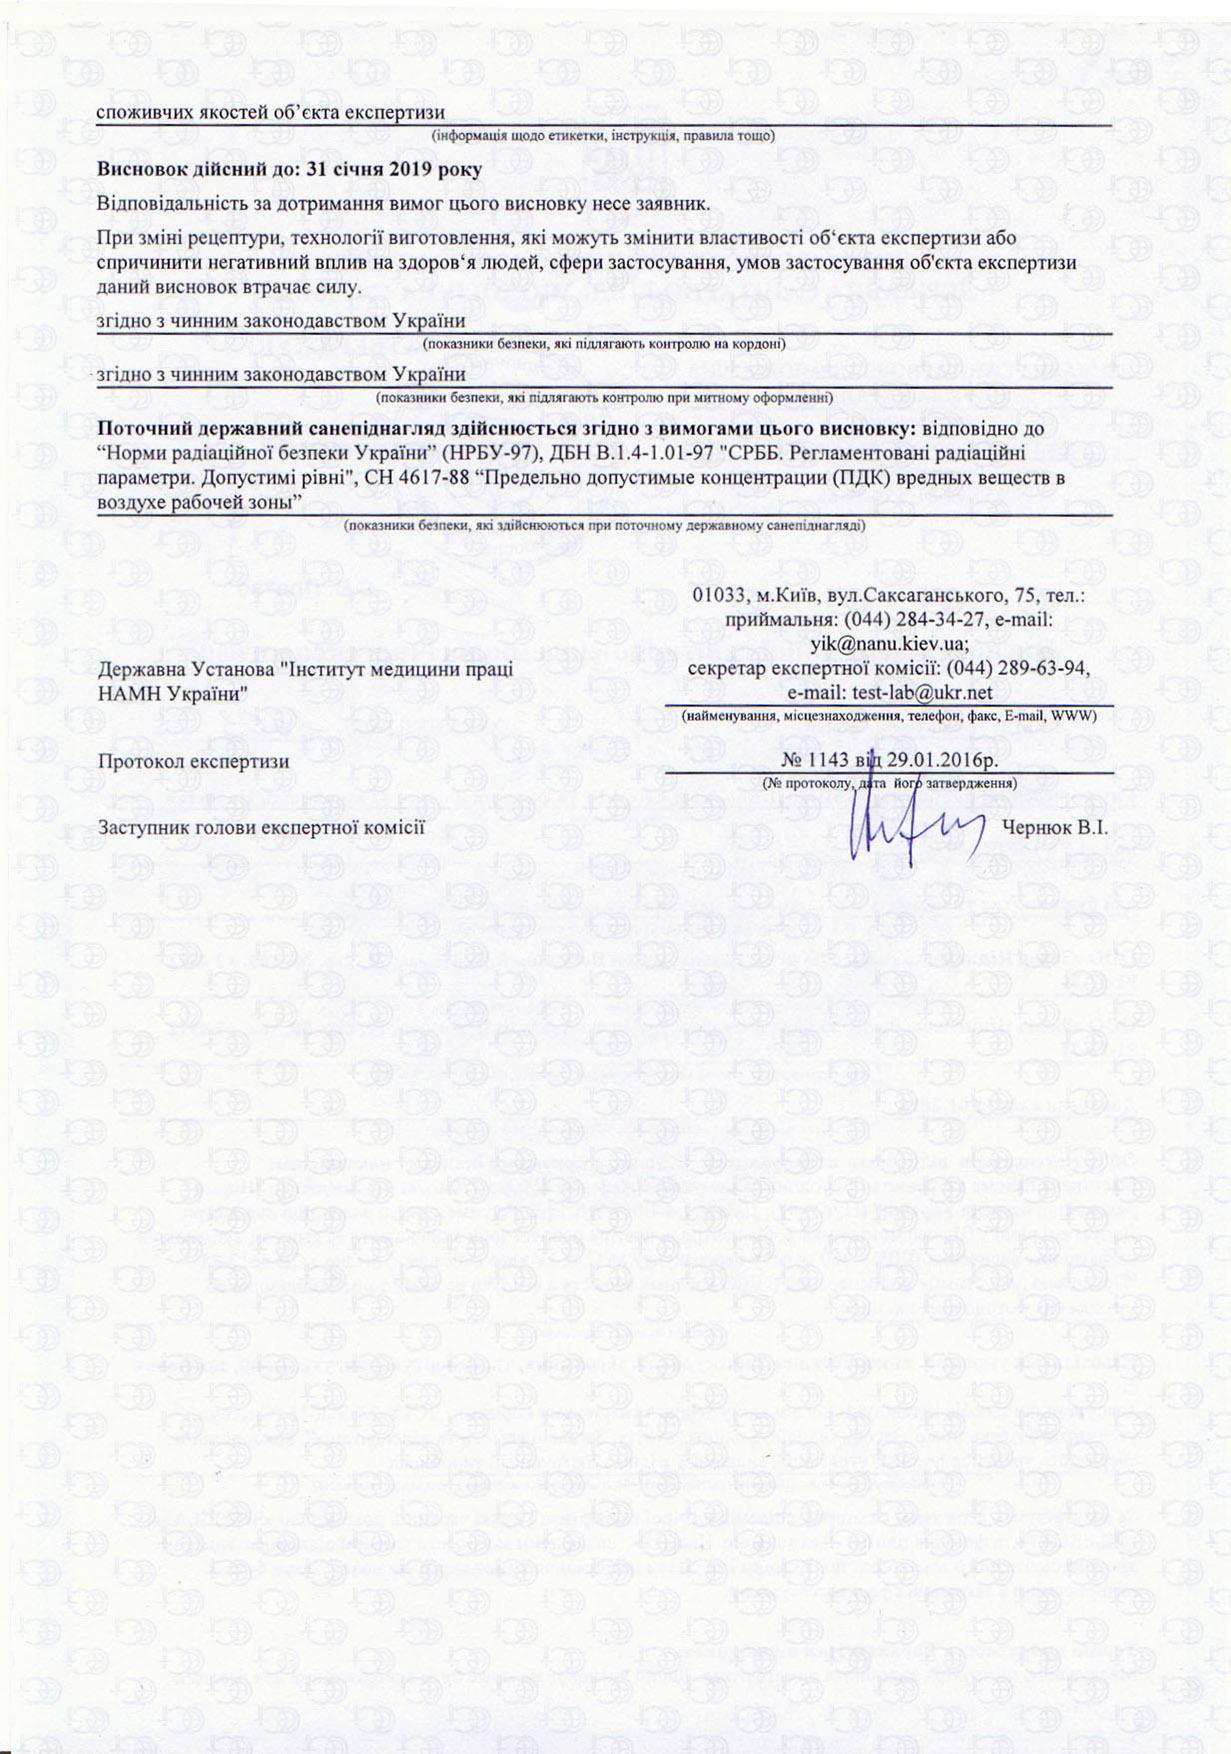 Заключение СЭС на фасадную плитку ТЕХНОНИКОЛЬ HAUBERK Украина 1